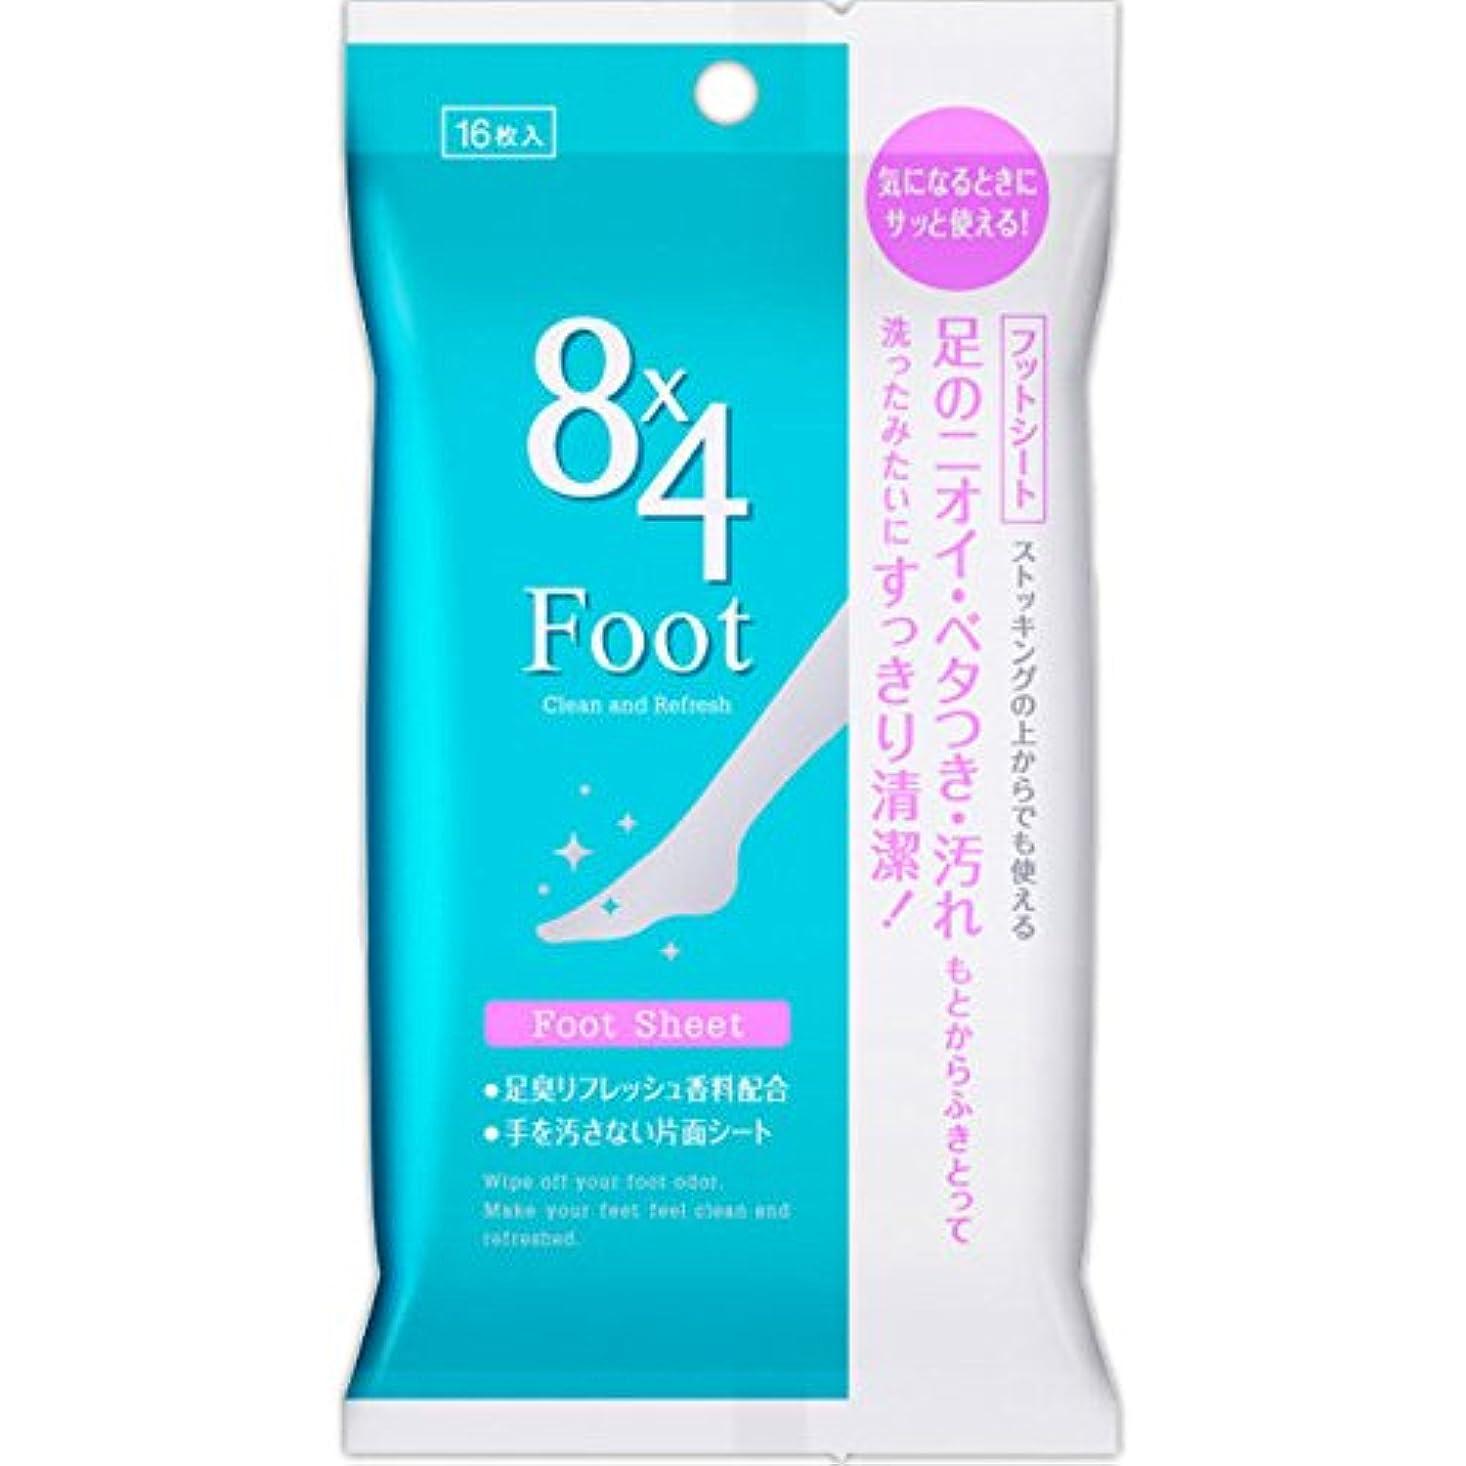 ふくろう手術賞賛8x4(エイトフォー) フットシート 16枚